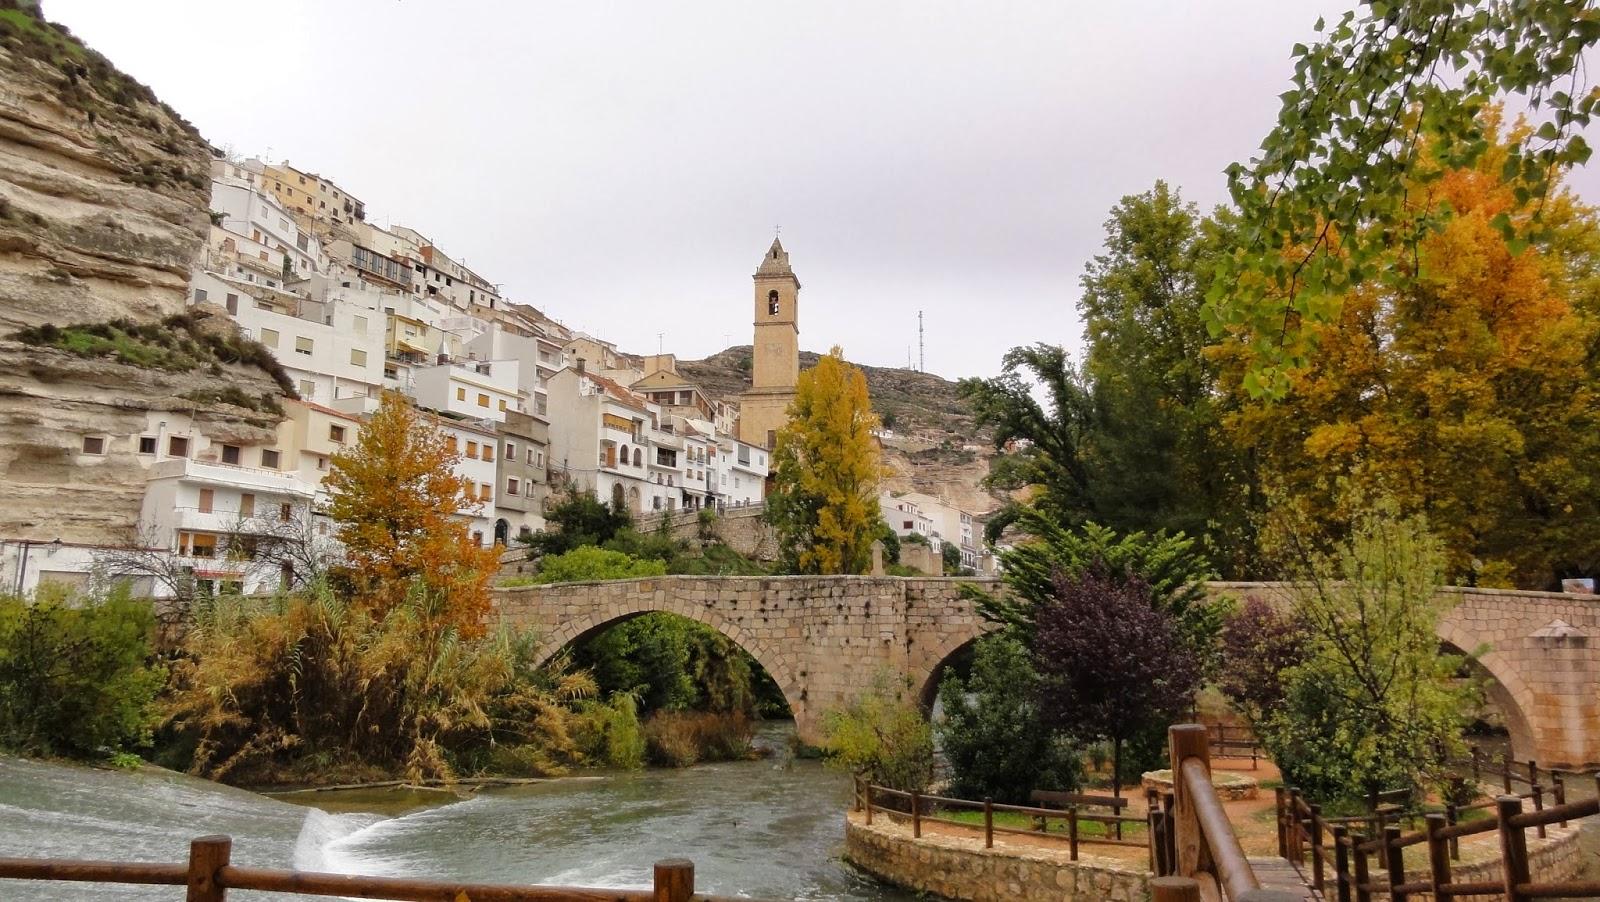 La cueva de los libros espa a patrimonio de lo sagrado alcal del j car albacete - Casa rural el castillo alcala del jucar ...